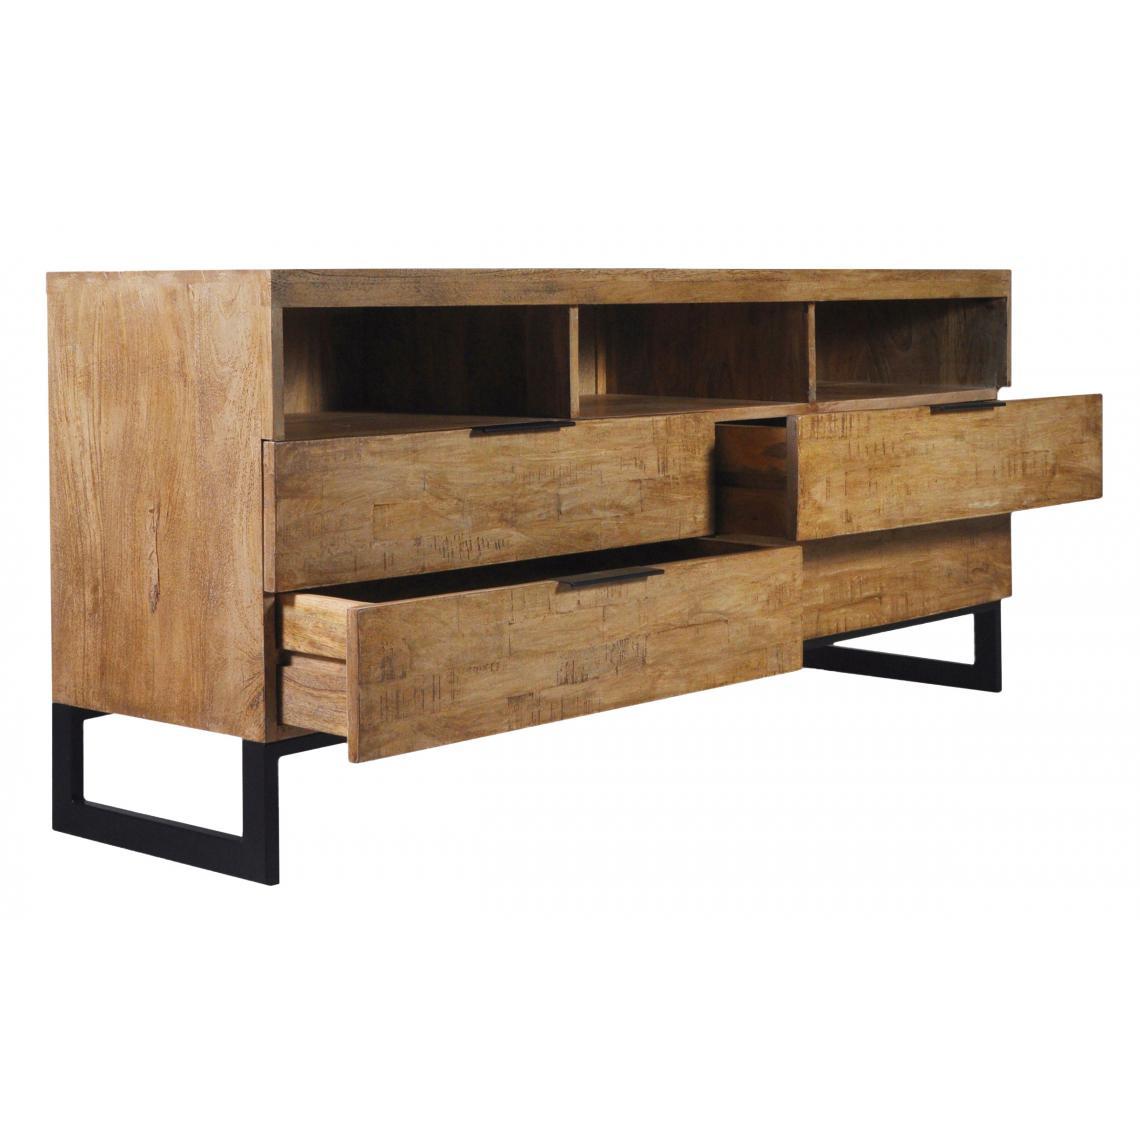 Meuble Tv Grande Taille meuble tv en bois massif chêne clair avec 4 tiroirs et 3 niches feely plus  de détails